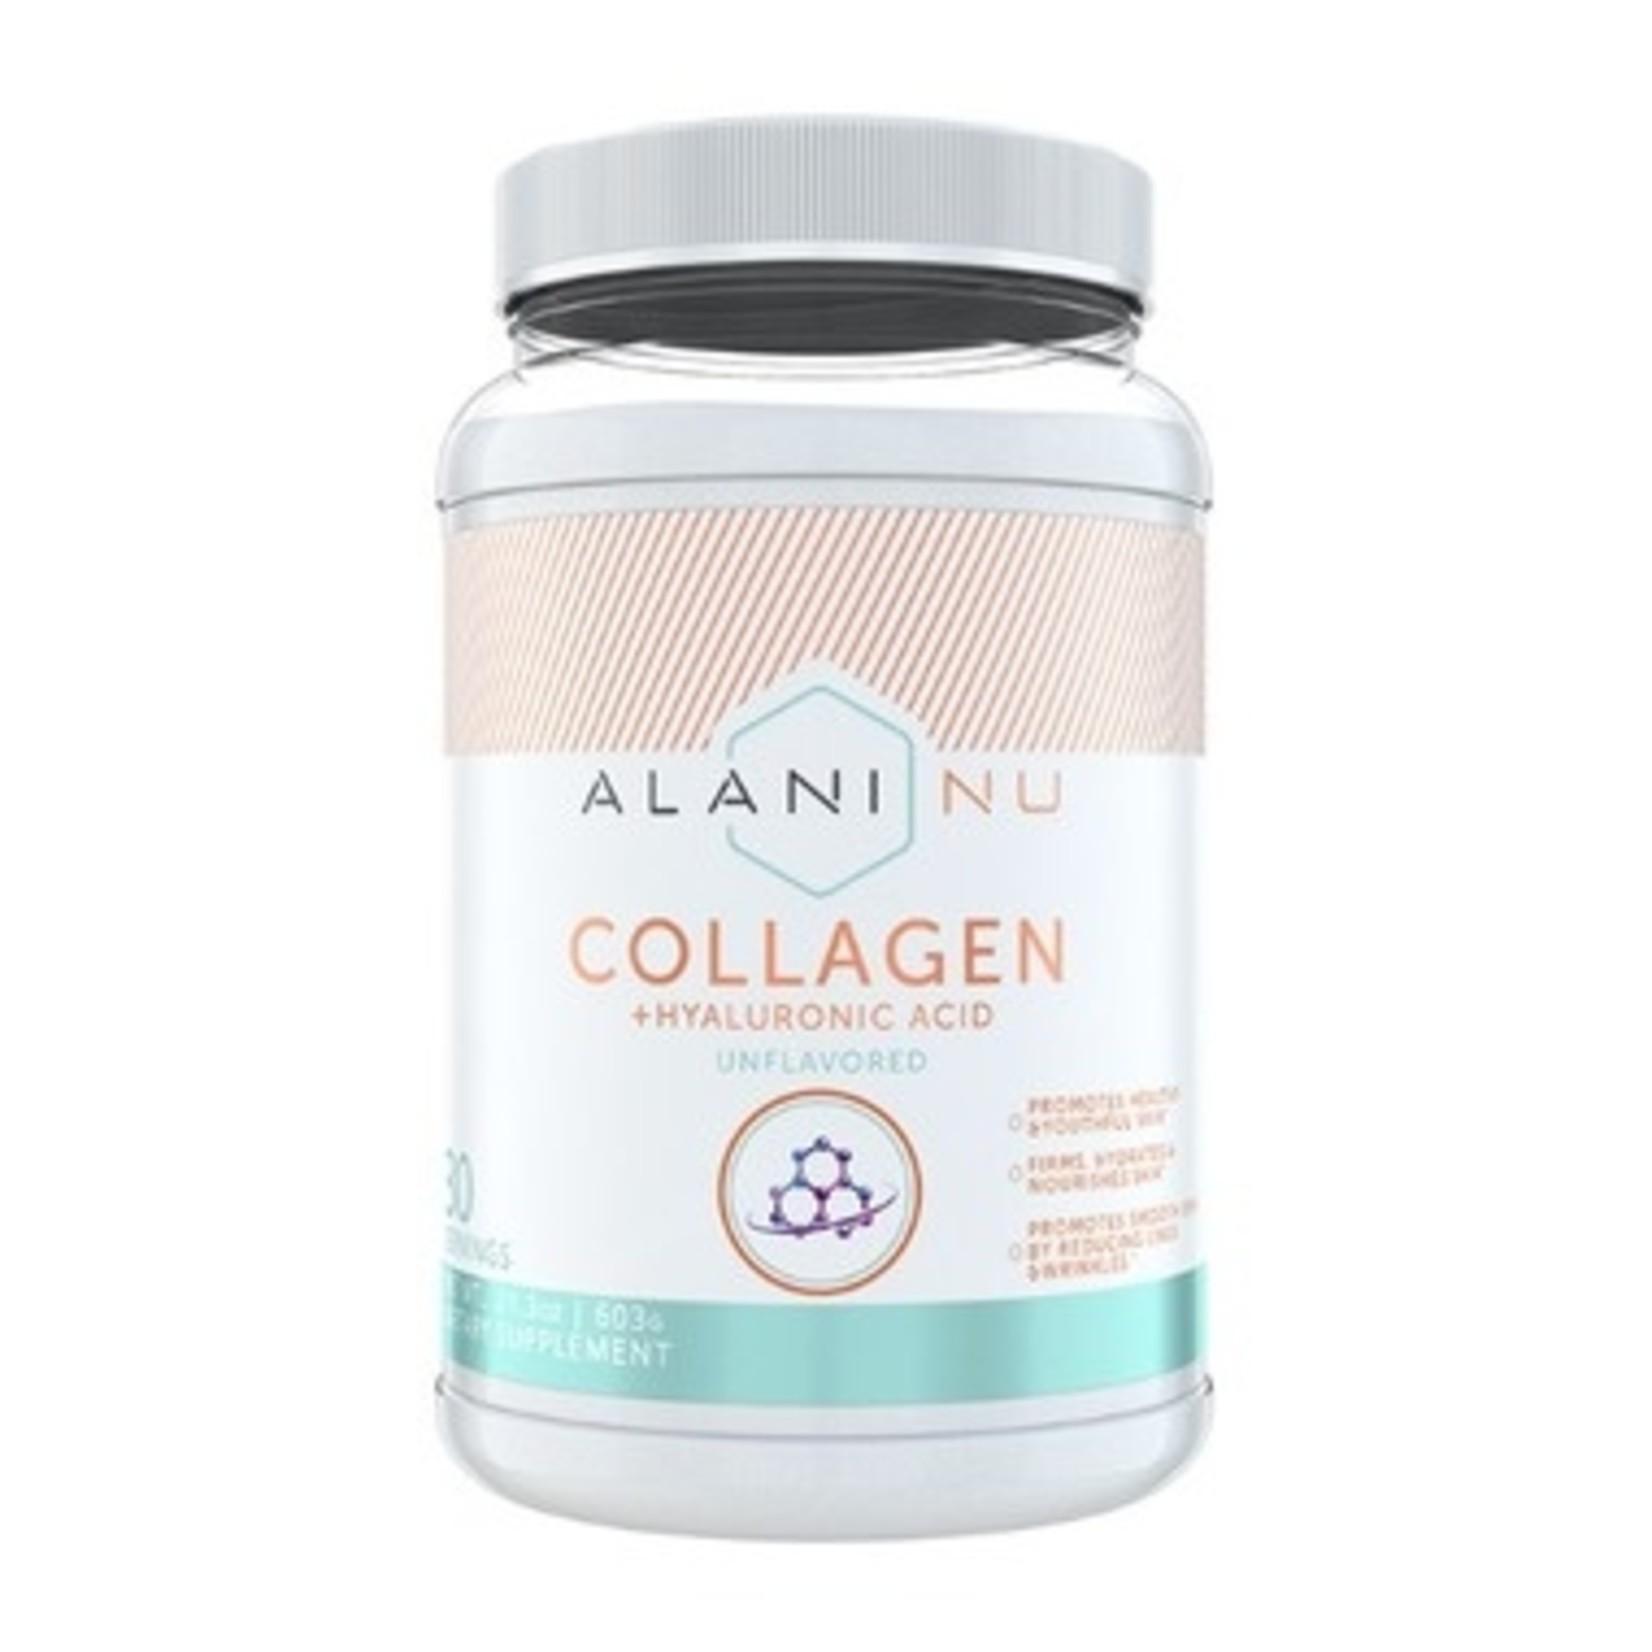 Alani Nu Collagen Peptides + Hyaluronic Acid 603g